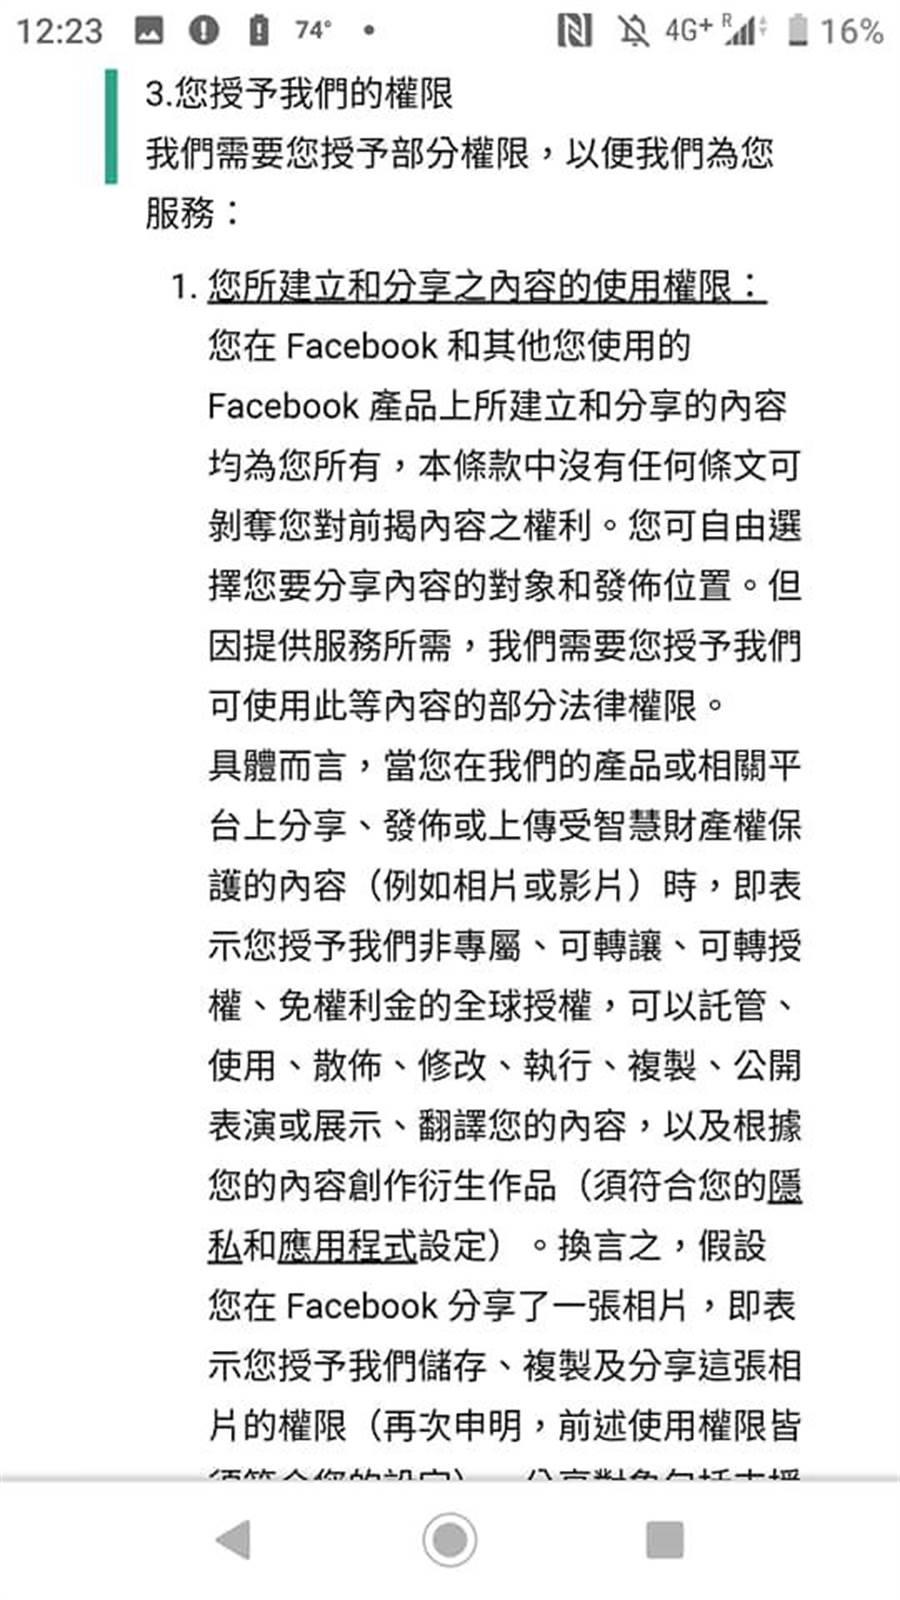 臉書使用條款。(圖/取自呂秋遠臉書)